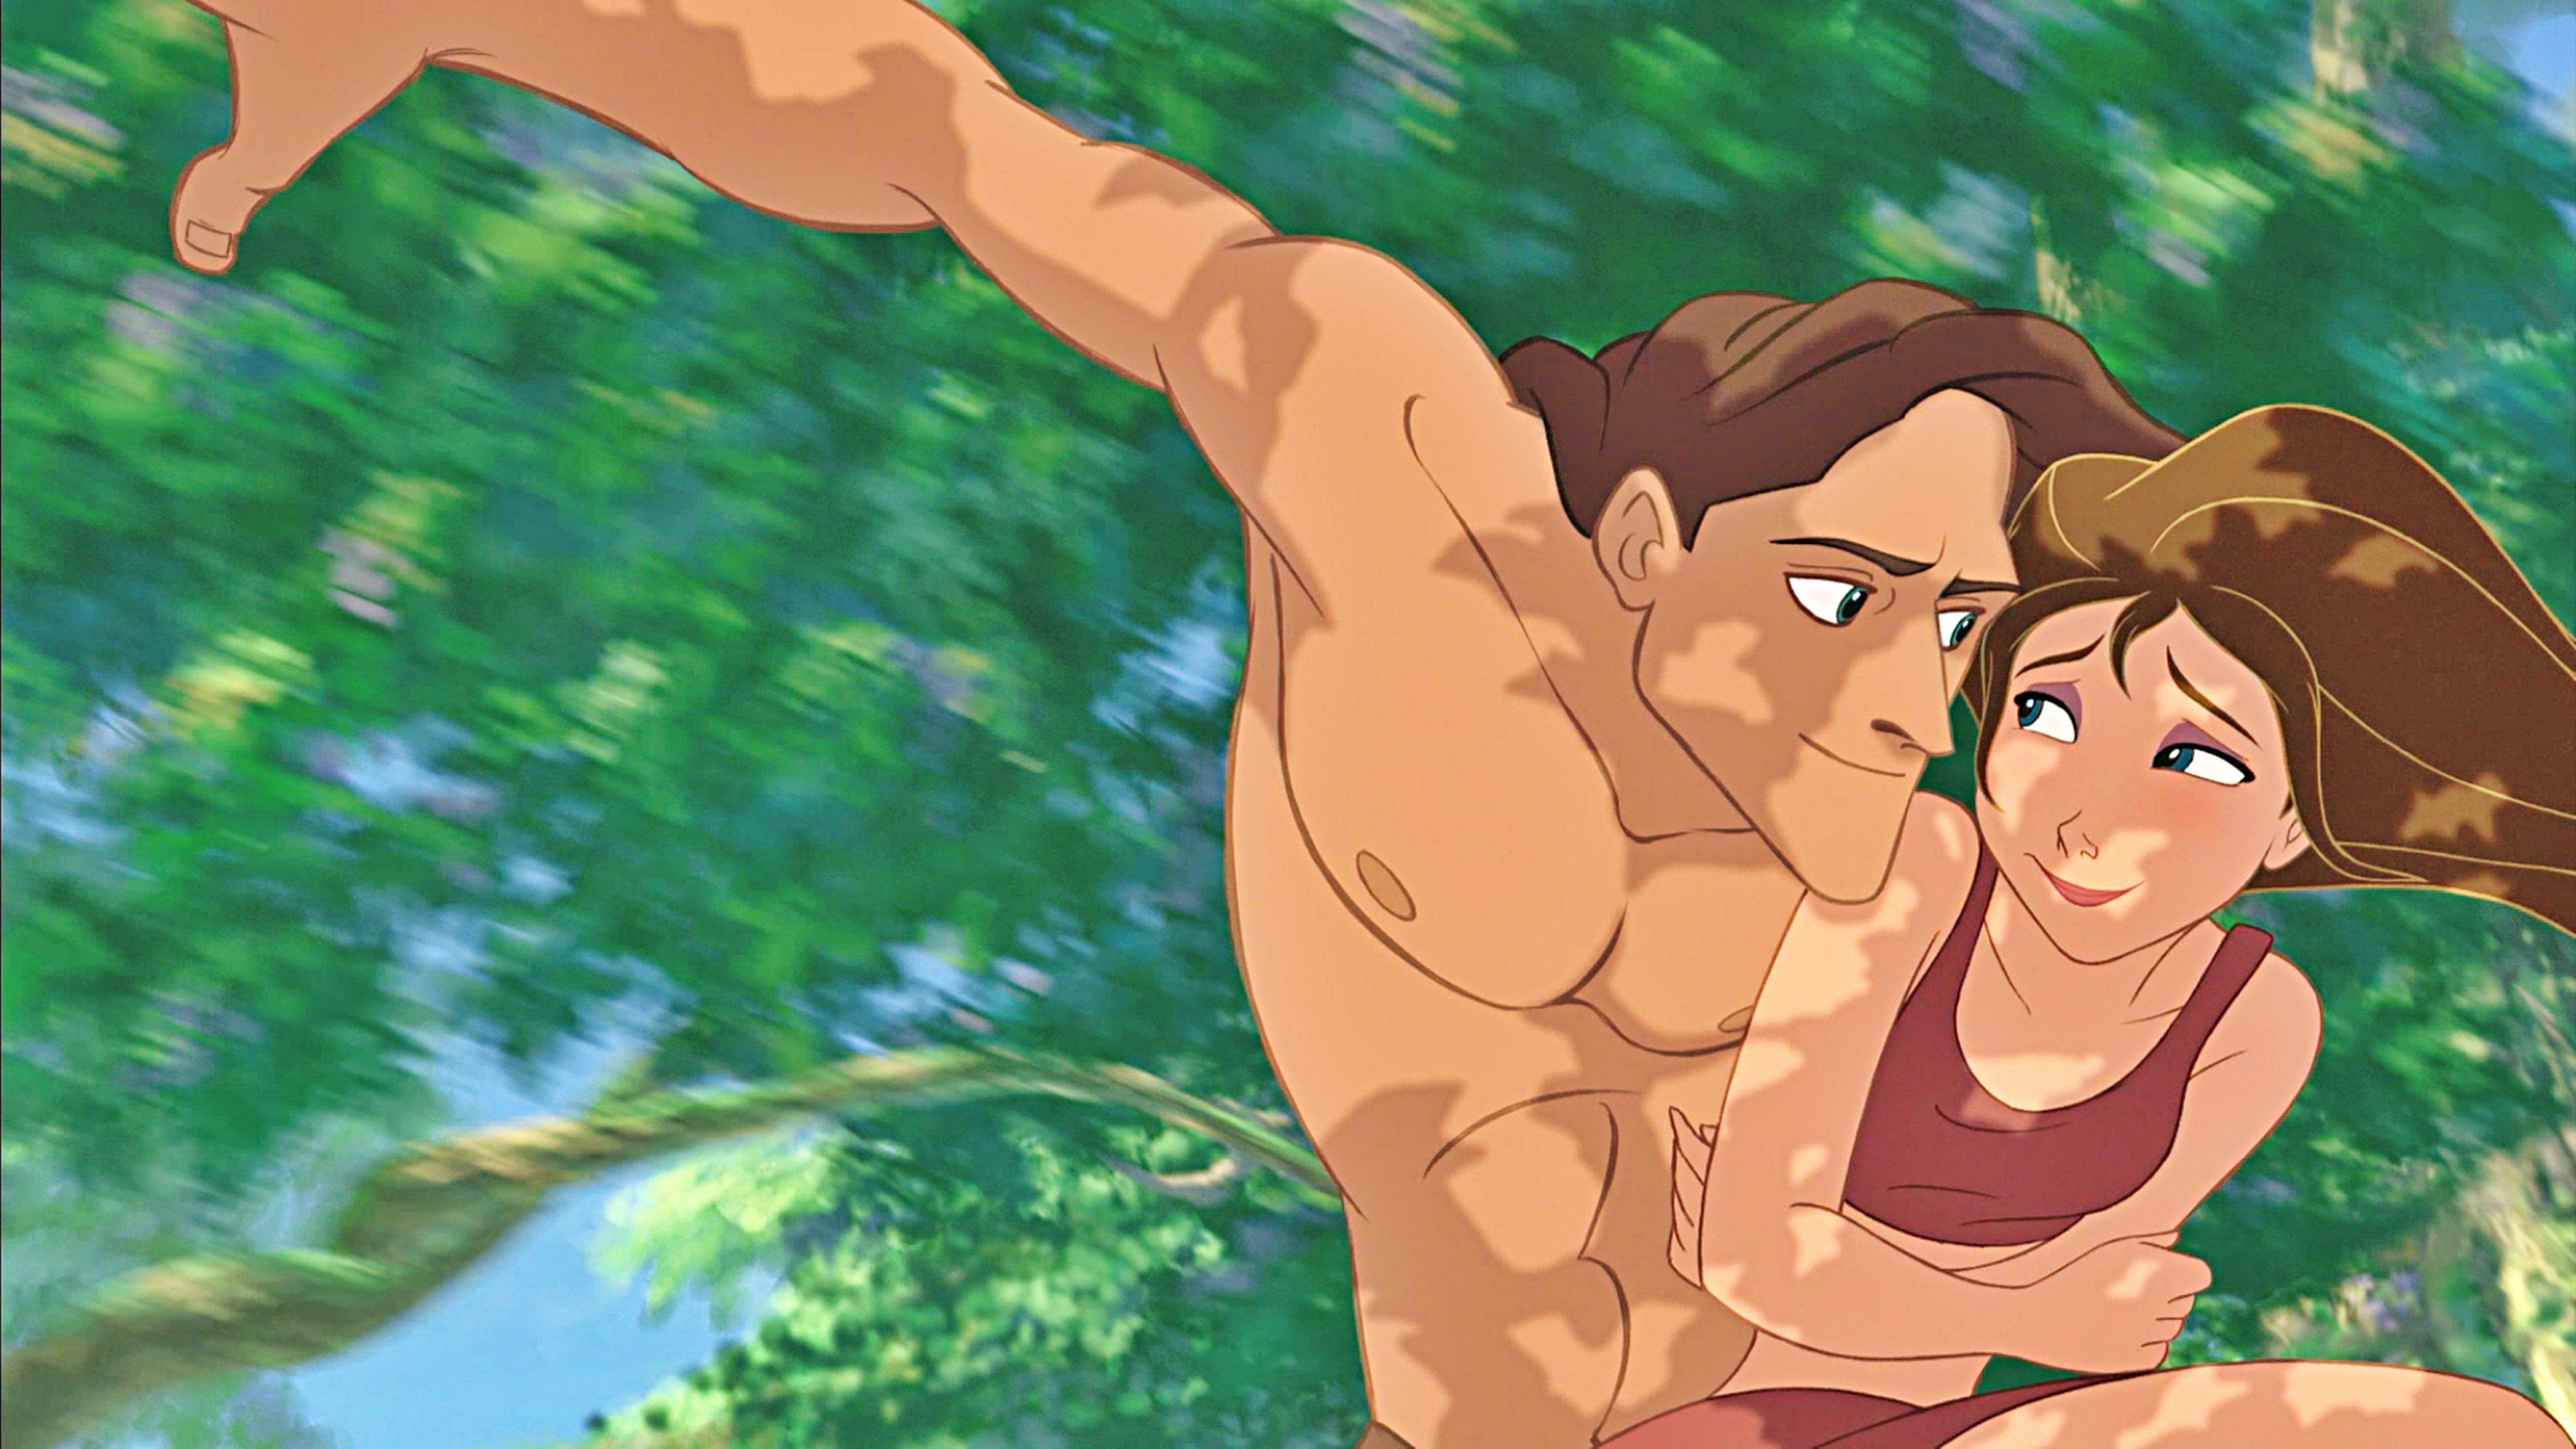 Порно на мультфильм тарзан